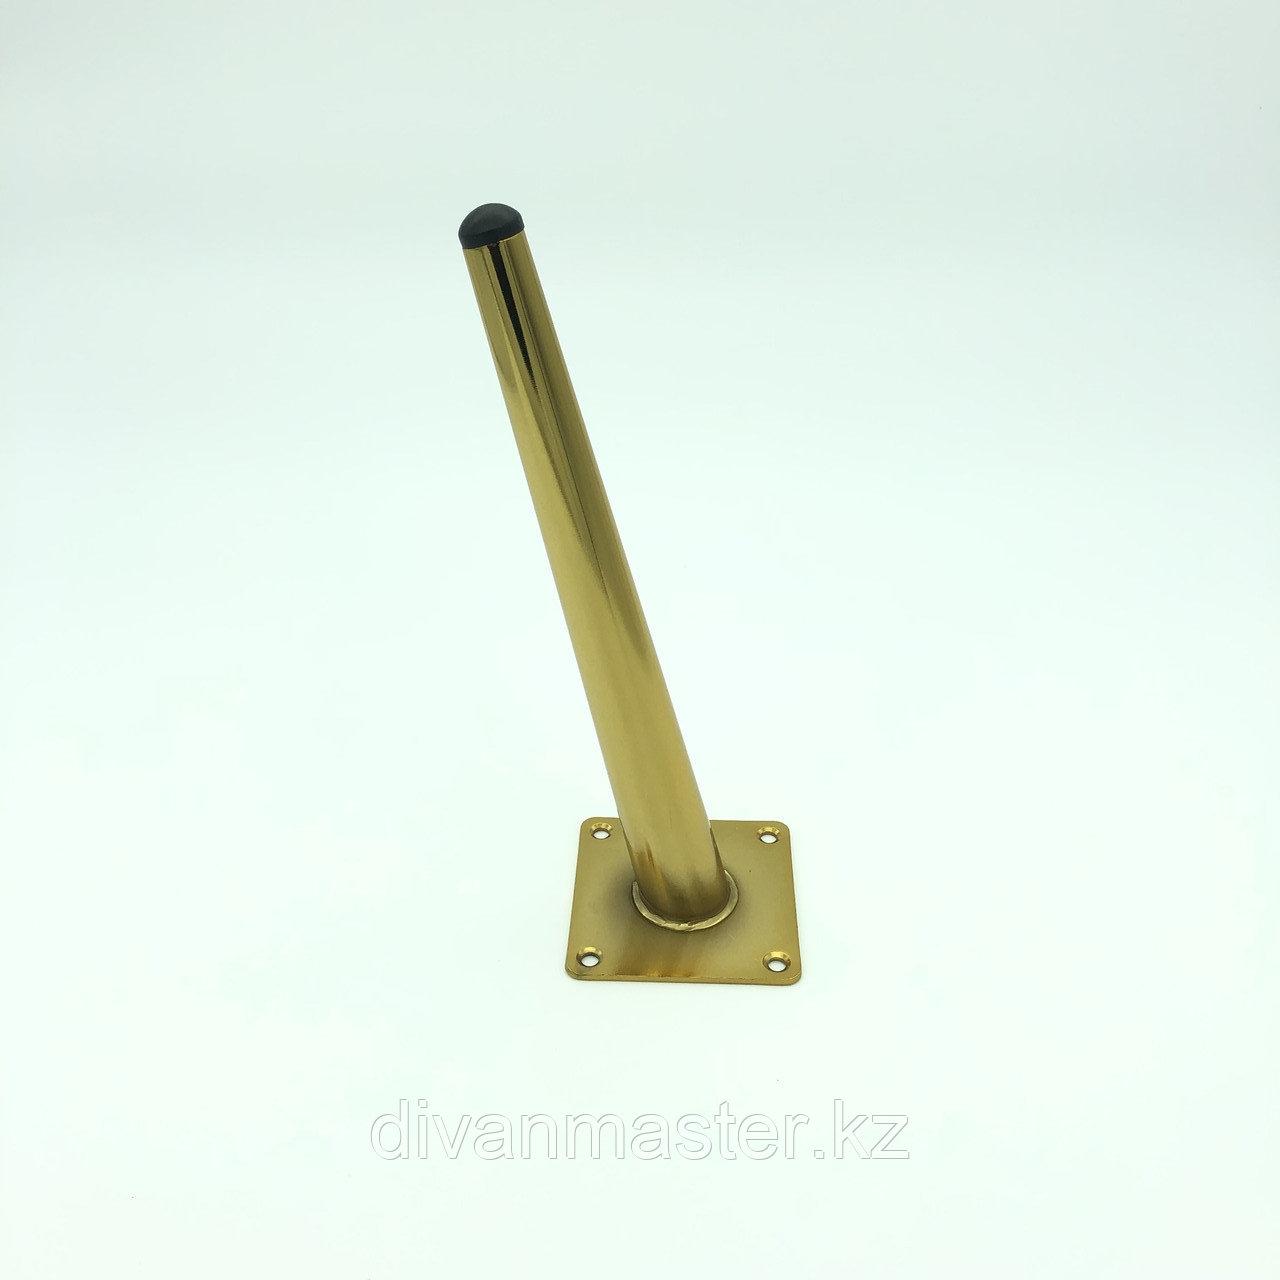 Ножка мебельная, стальная с наклоном 25 см.Золото